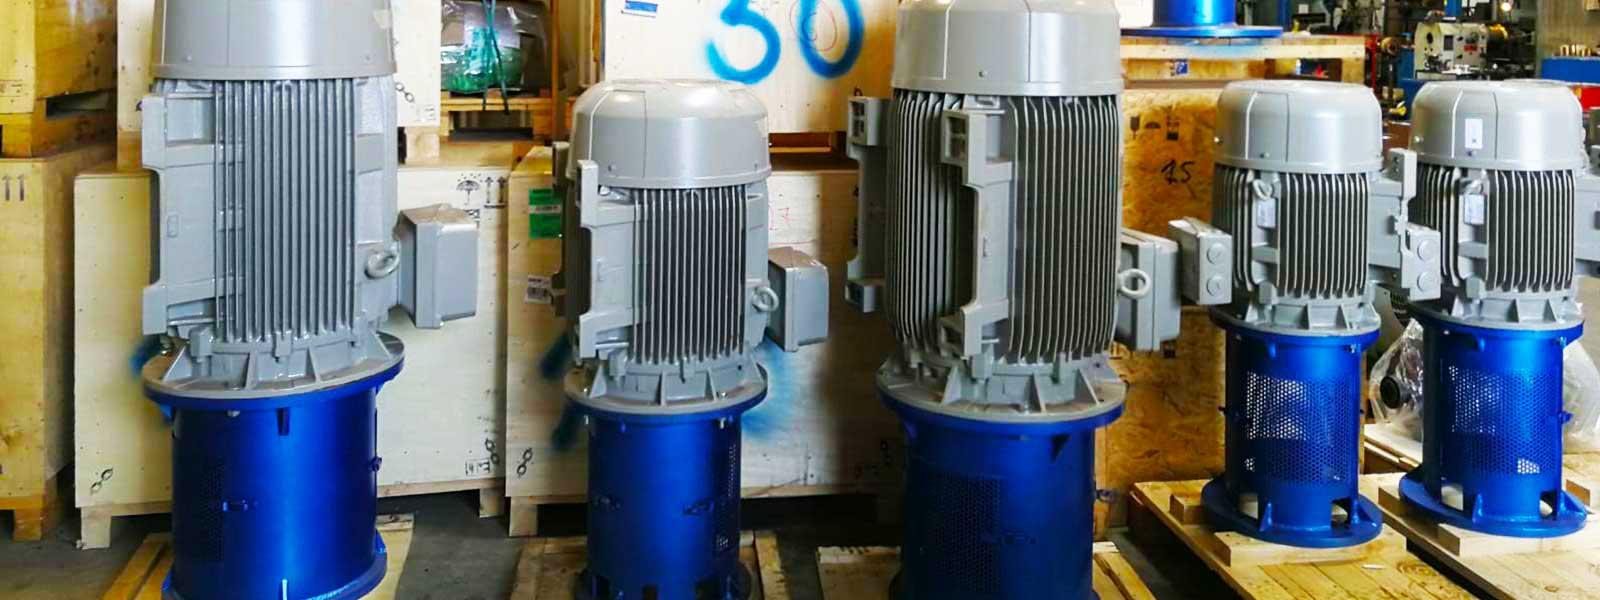 מנועים ציר מלא למשאבות טורבינה